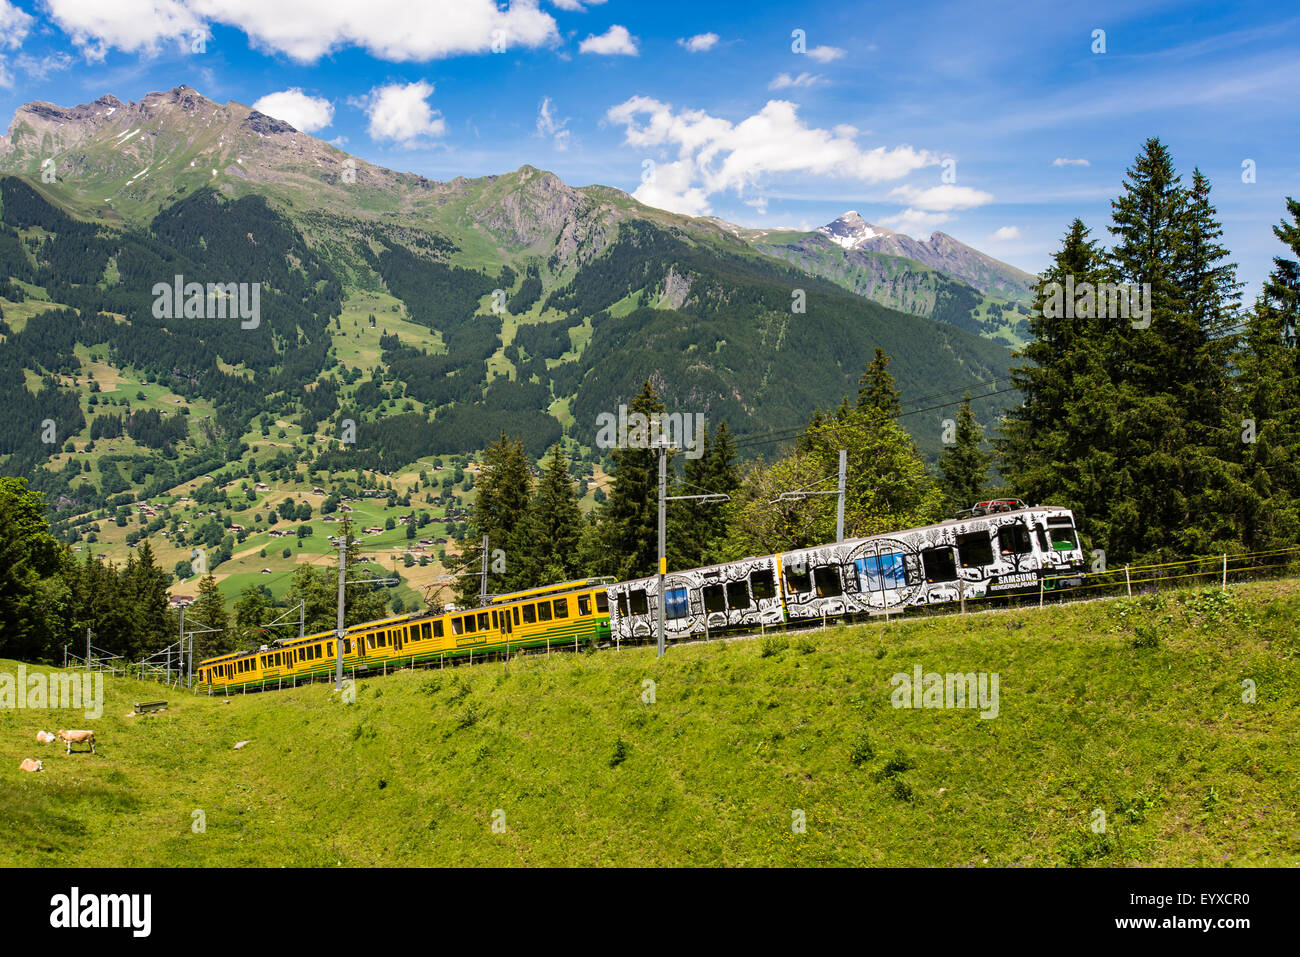 Swiss mountain railway from Grindelwald to Kleine Scheidegg - Stock Image